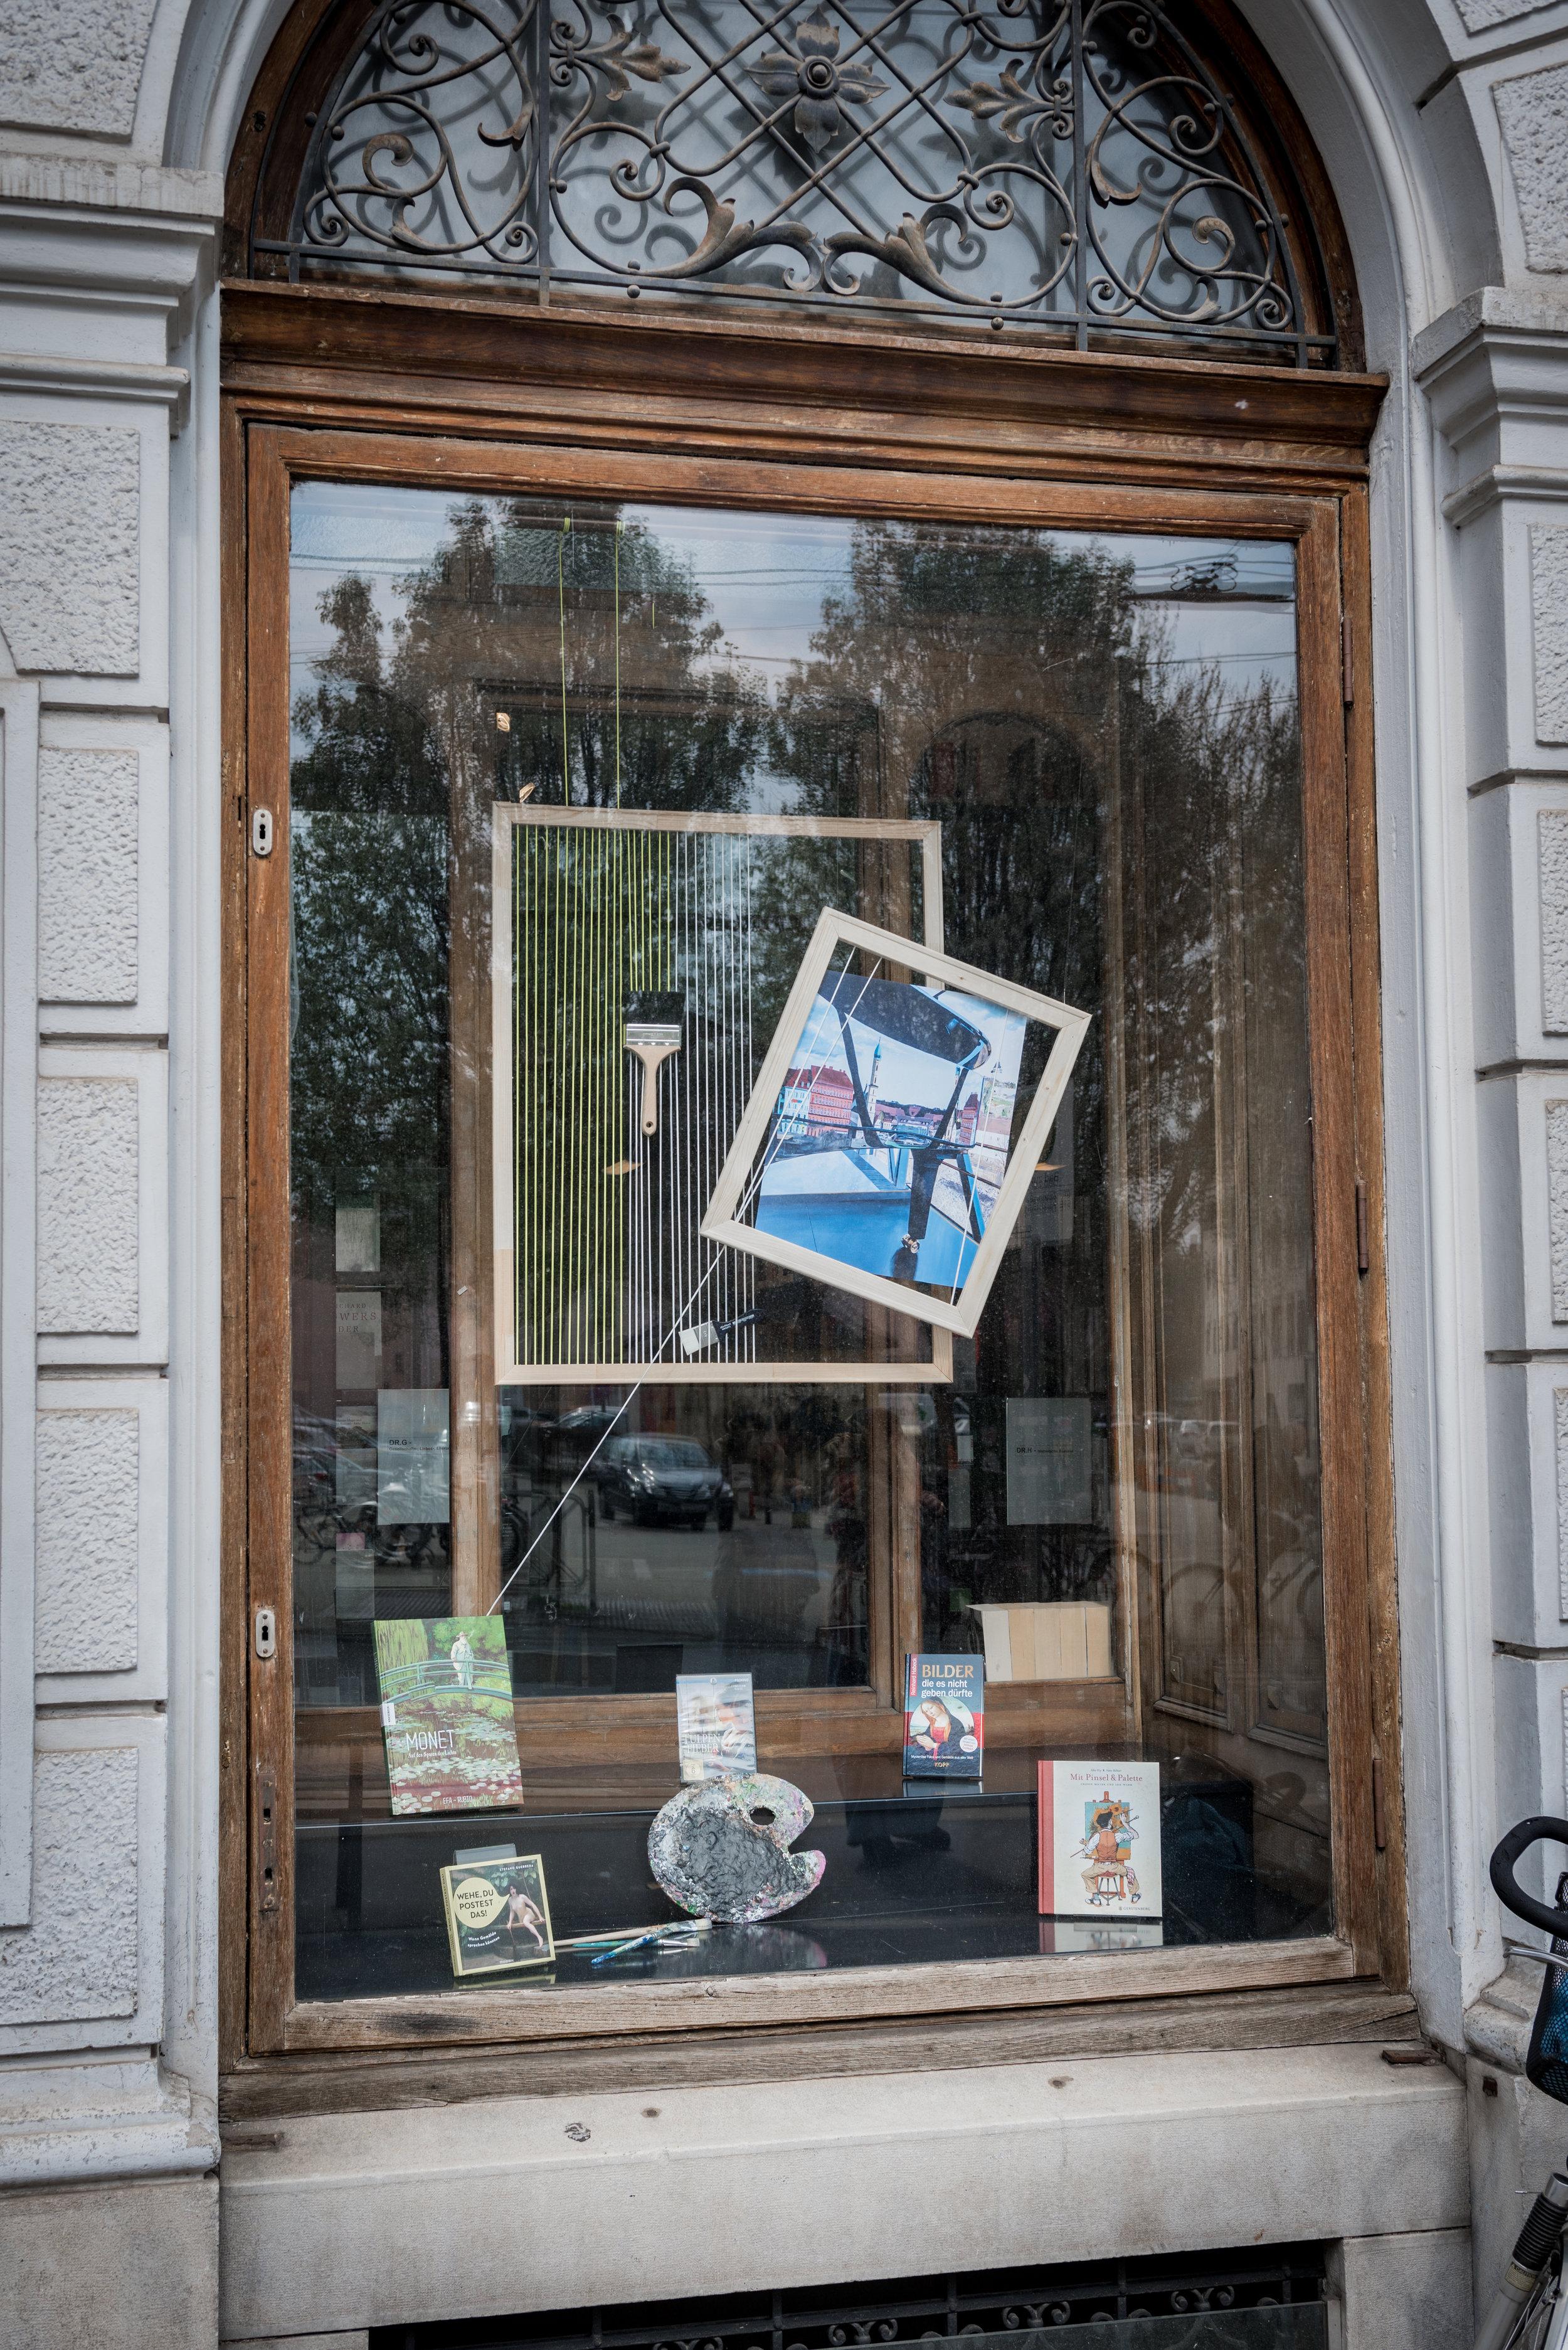 Schaufenster-Stadtbibliothek-Graz-Foto-Andy-Joe-2.jpg